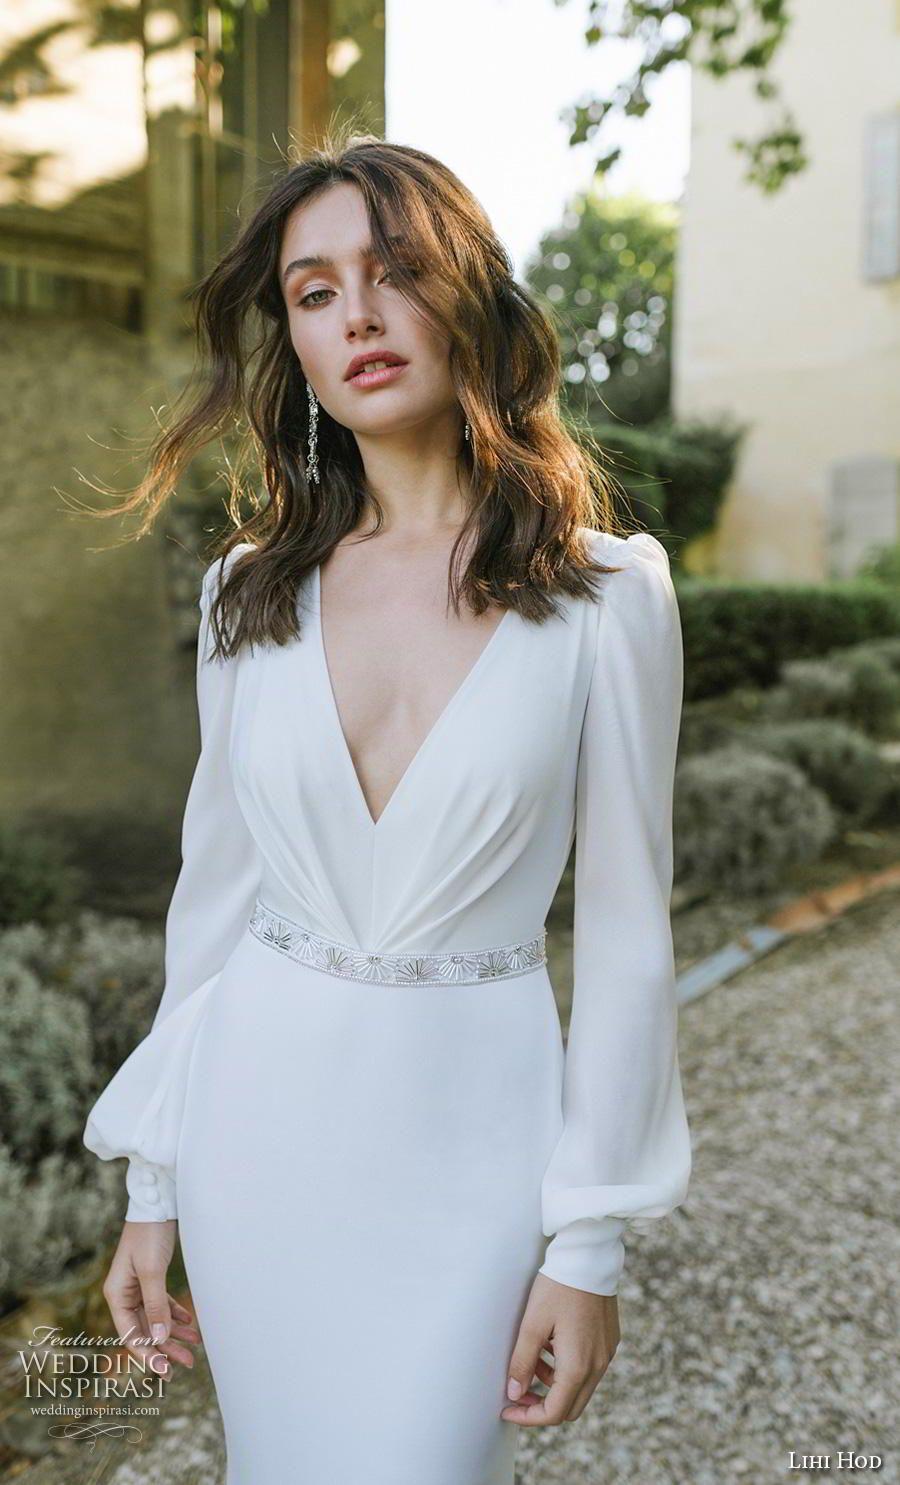 Best wedding dresses for 50 year olds  Lihi Hod  Wedding Dresses u ucSecret Gardenud Bridal Collection